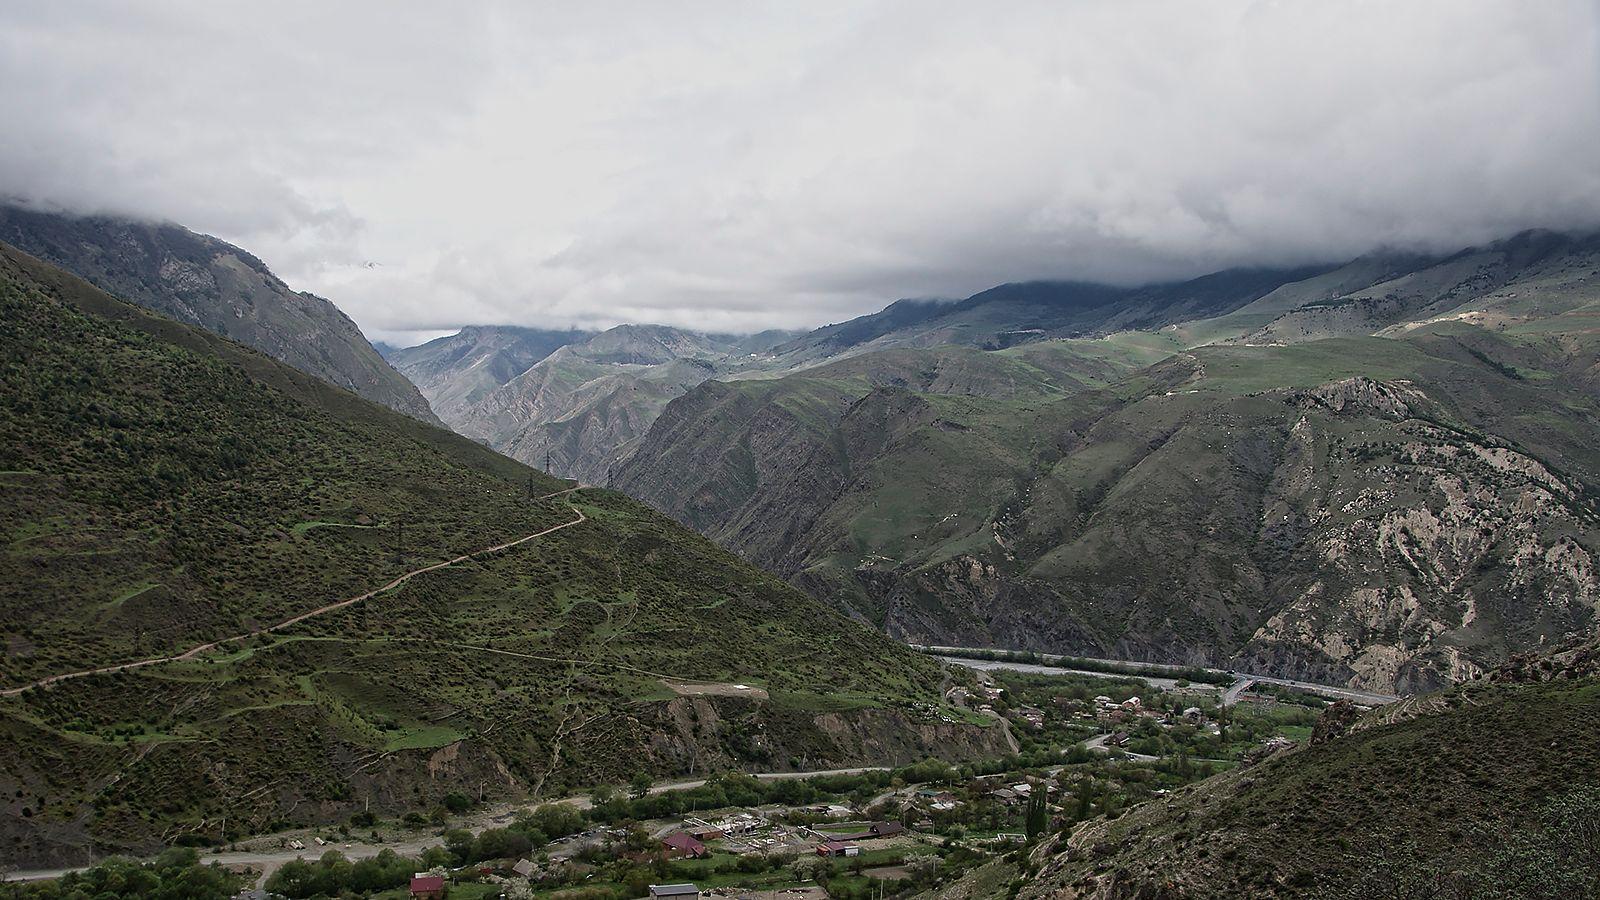 под потолком Нижний Унал река Ардон Транскавказская магистраль под потолком начало подъема